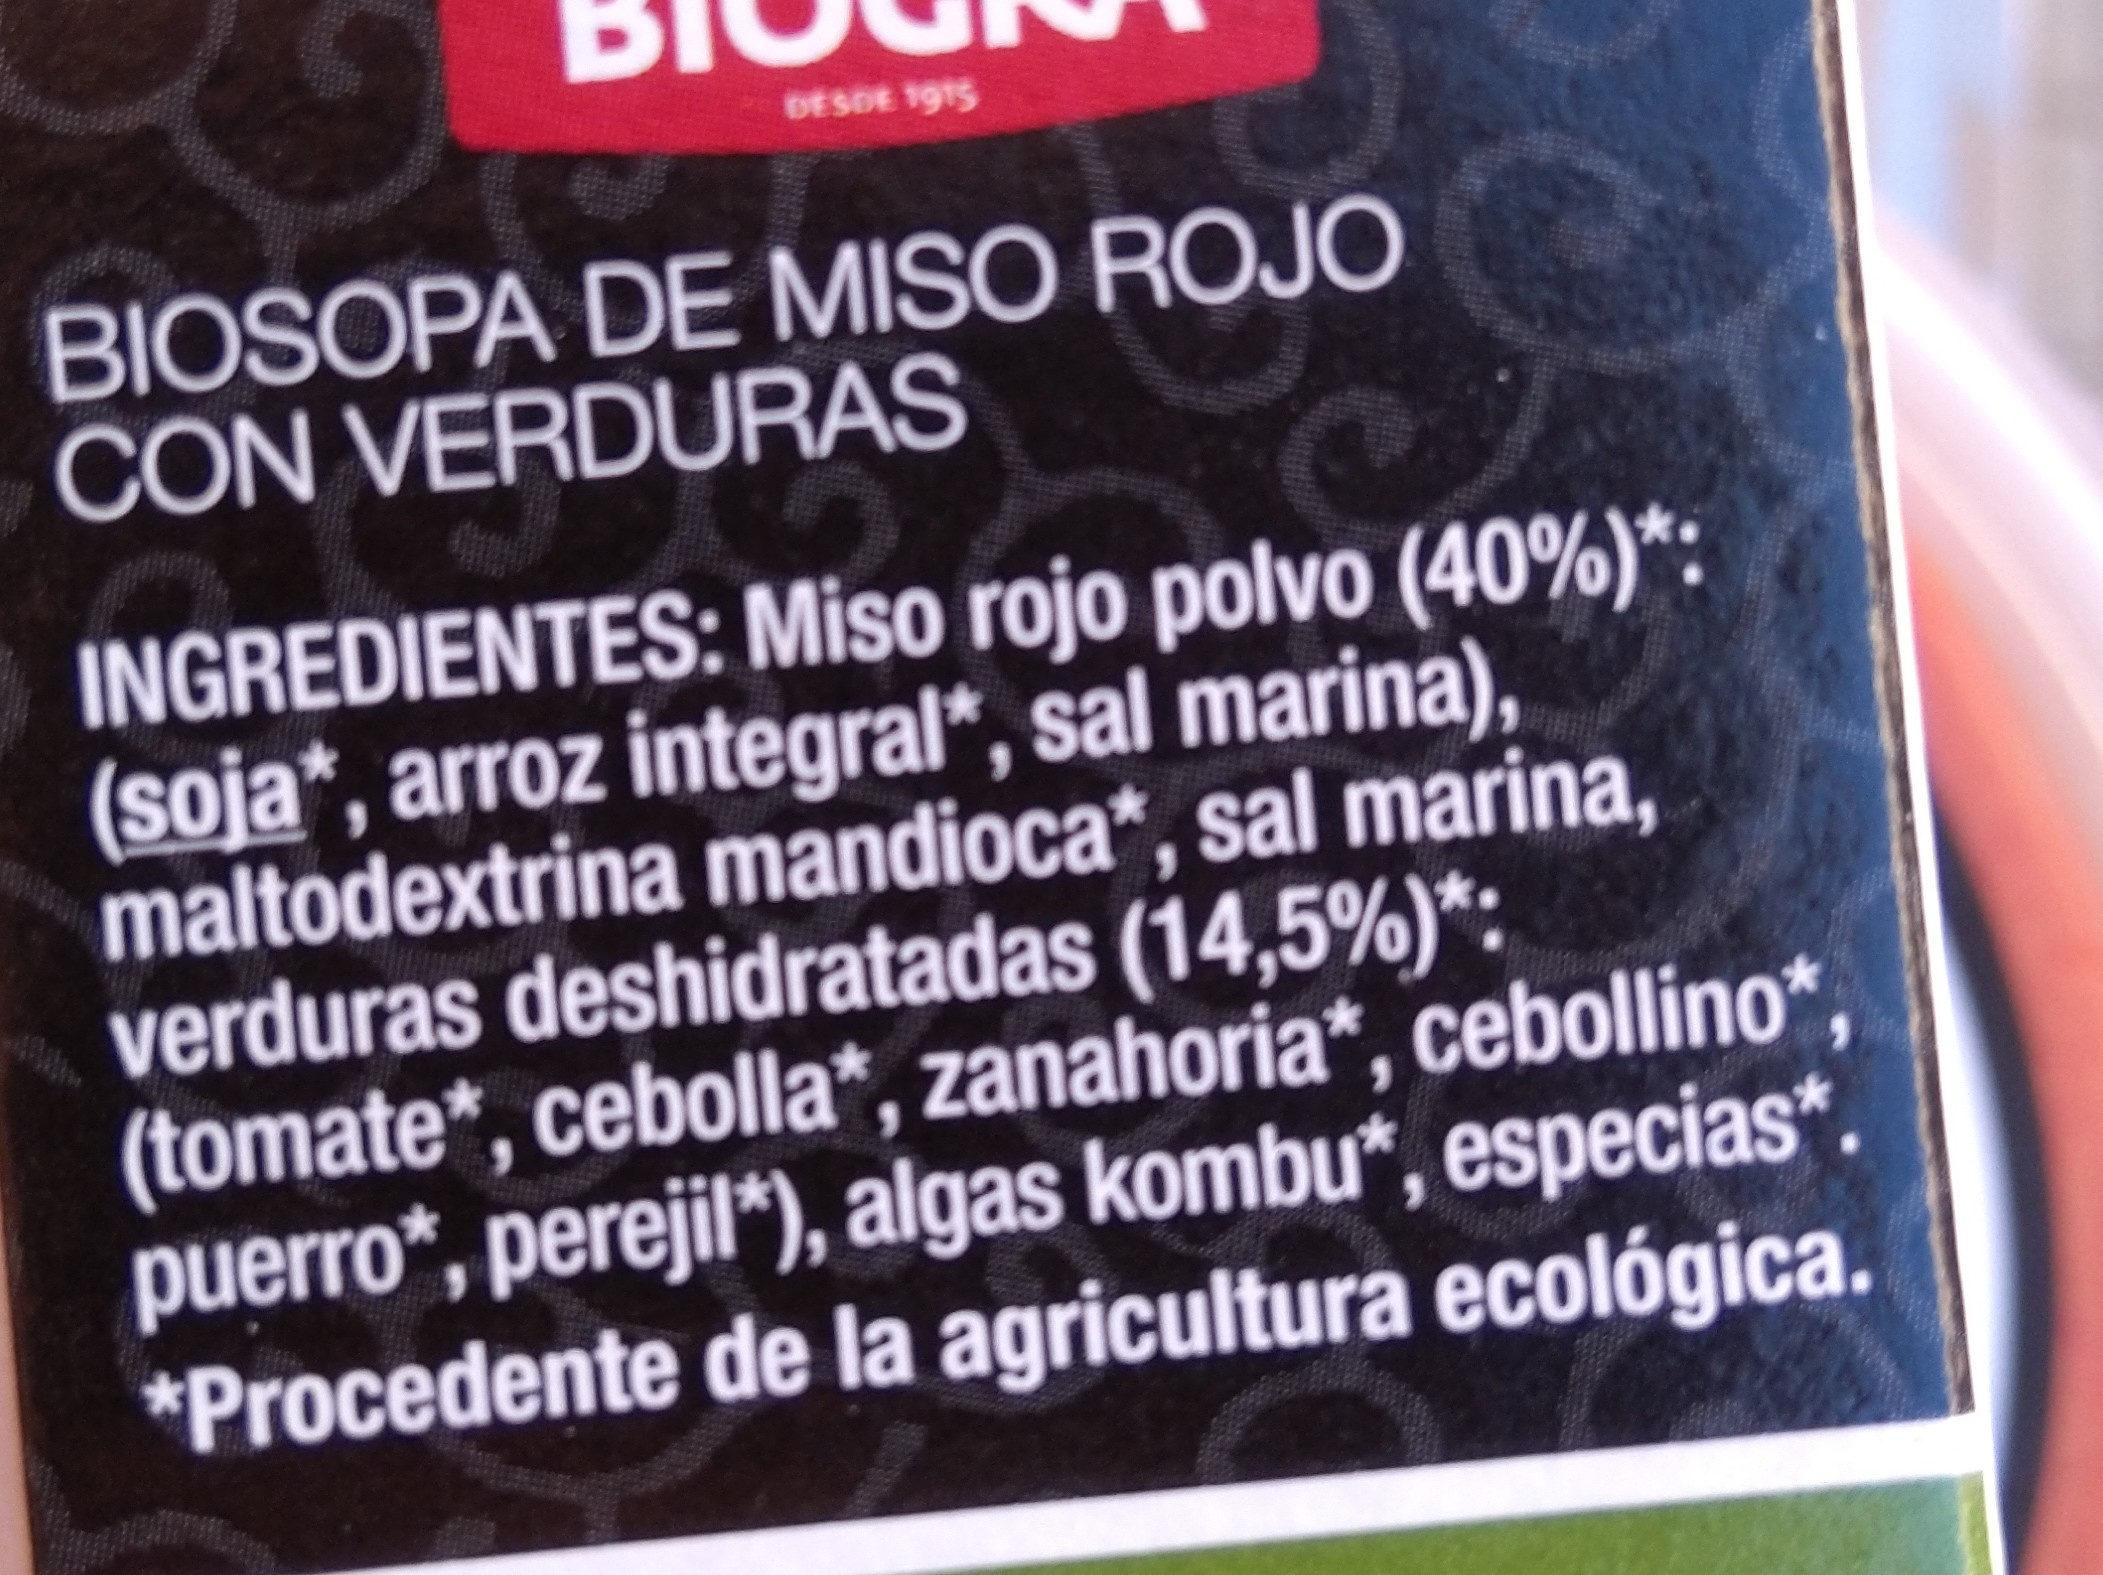 Biosopa de Miso Rojo con Verduras - Ingredients - es